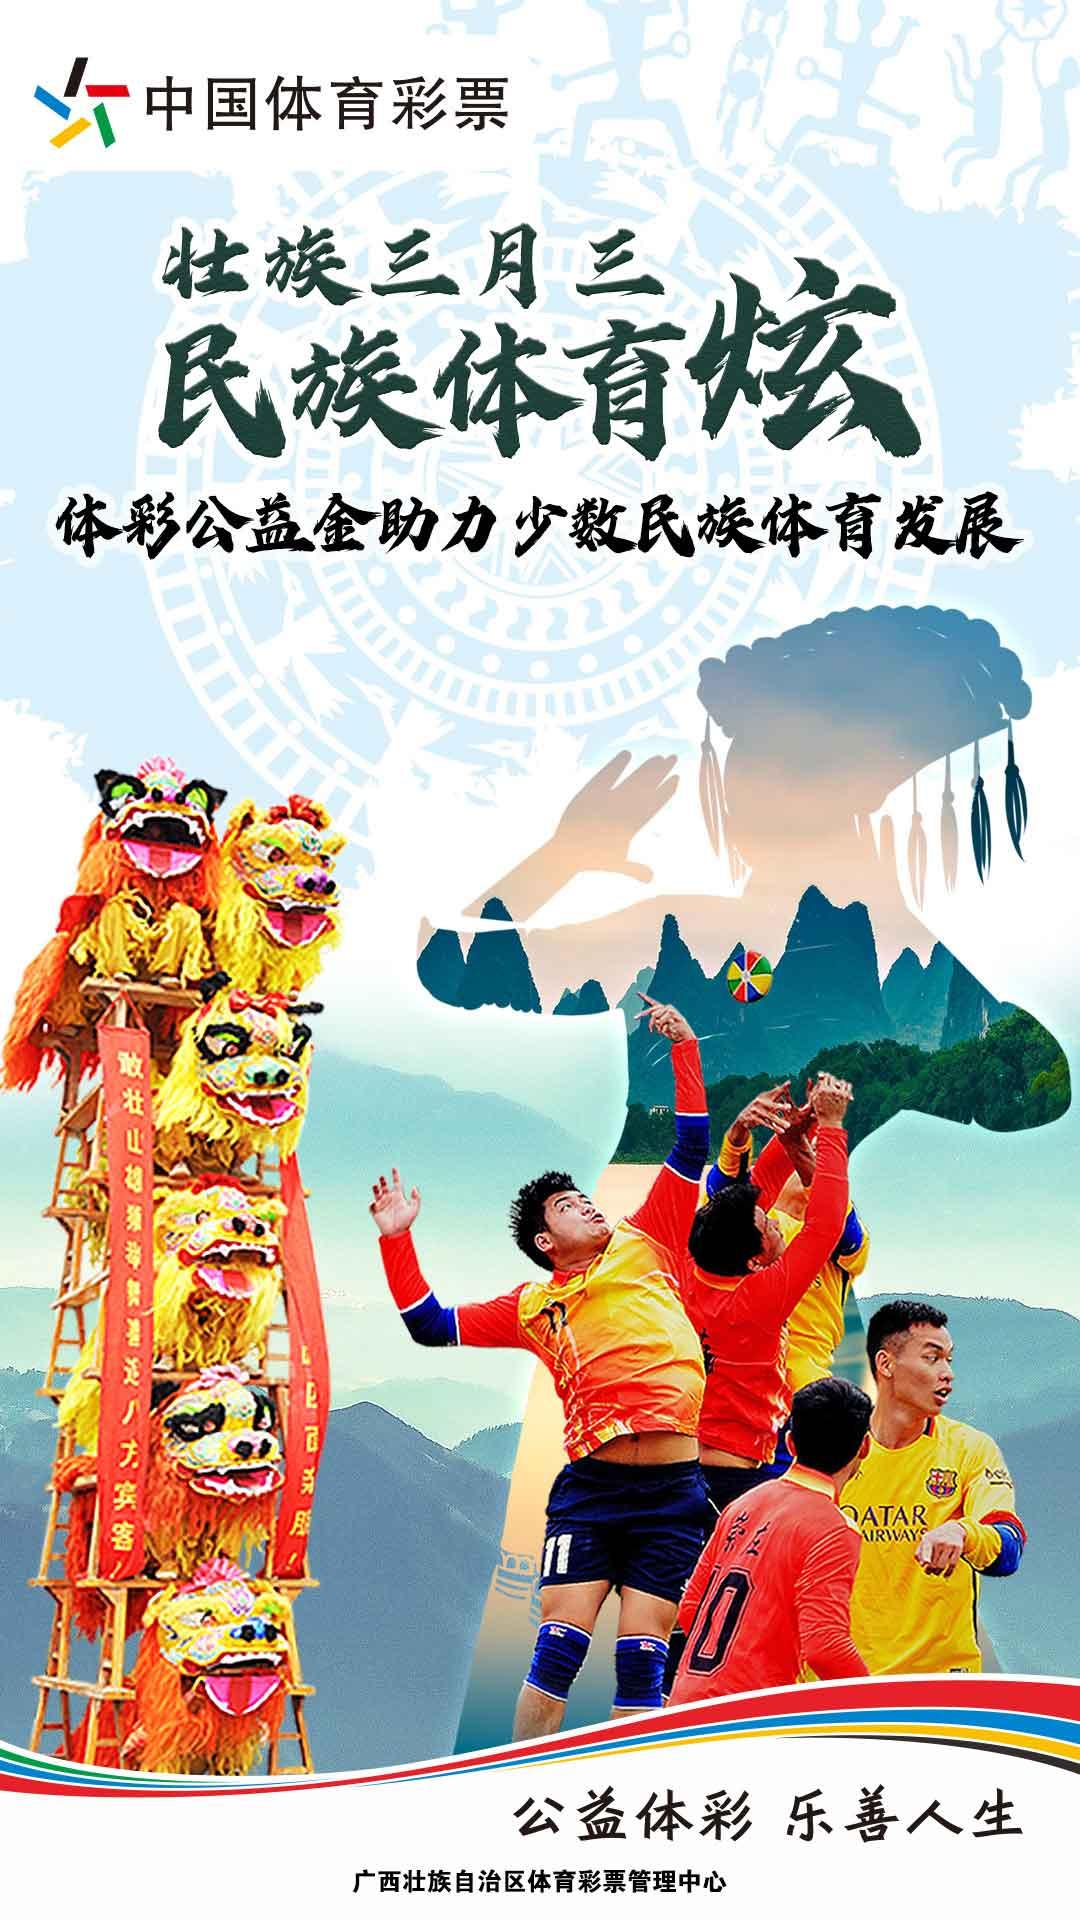 壮族三月三 体彩公益香港天王女儿是谁金助力少数民族体育发展